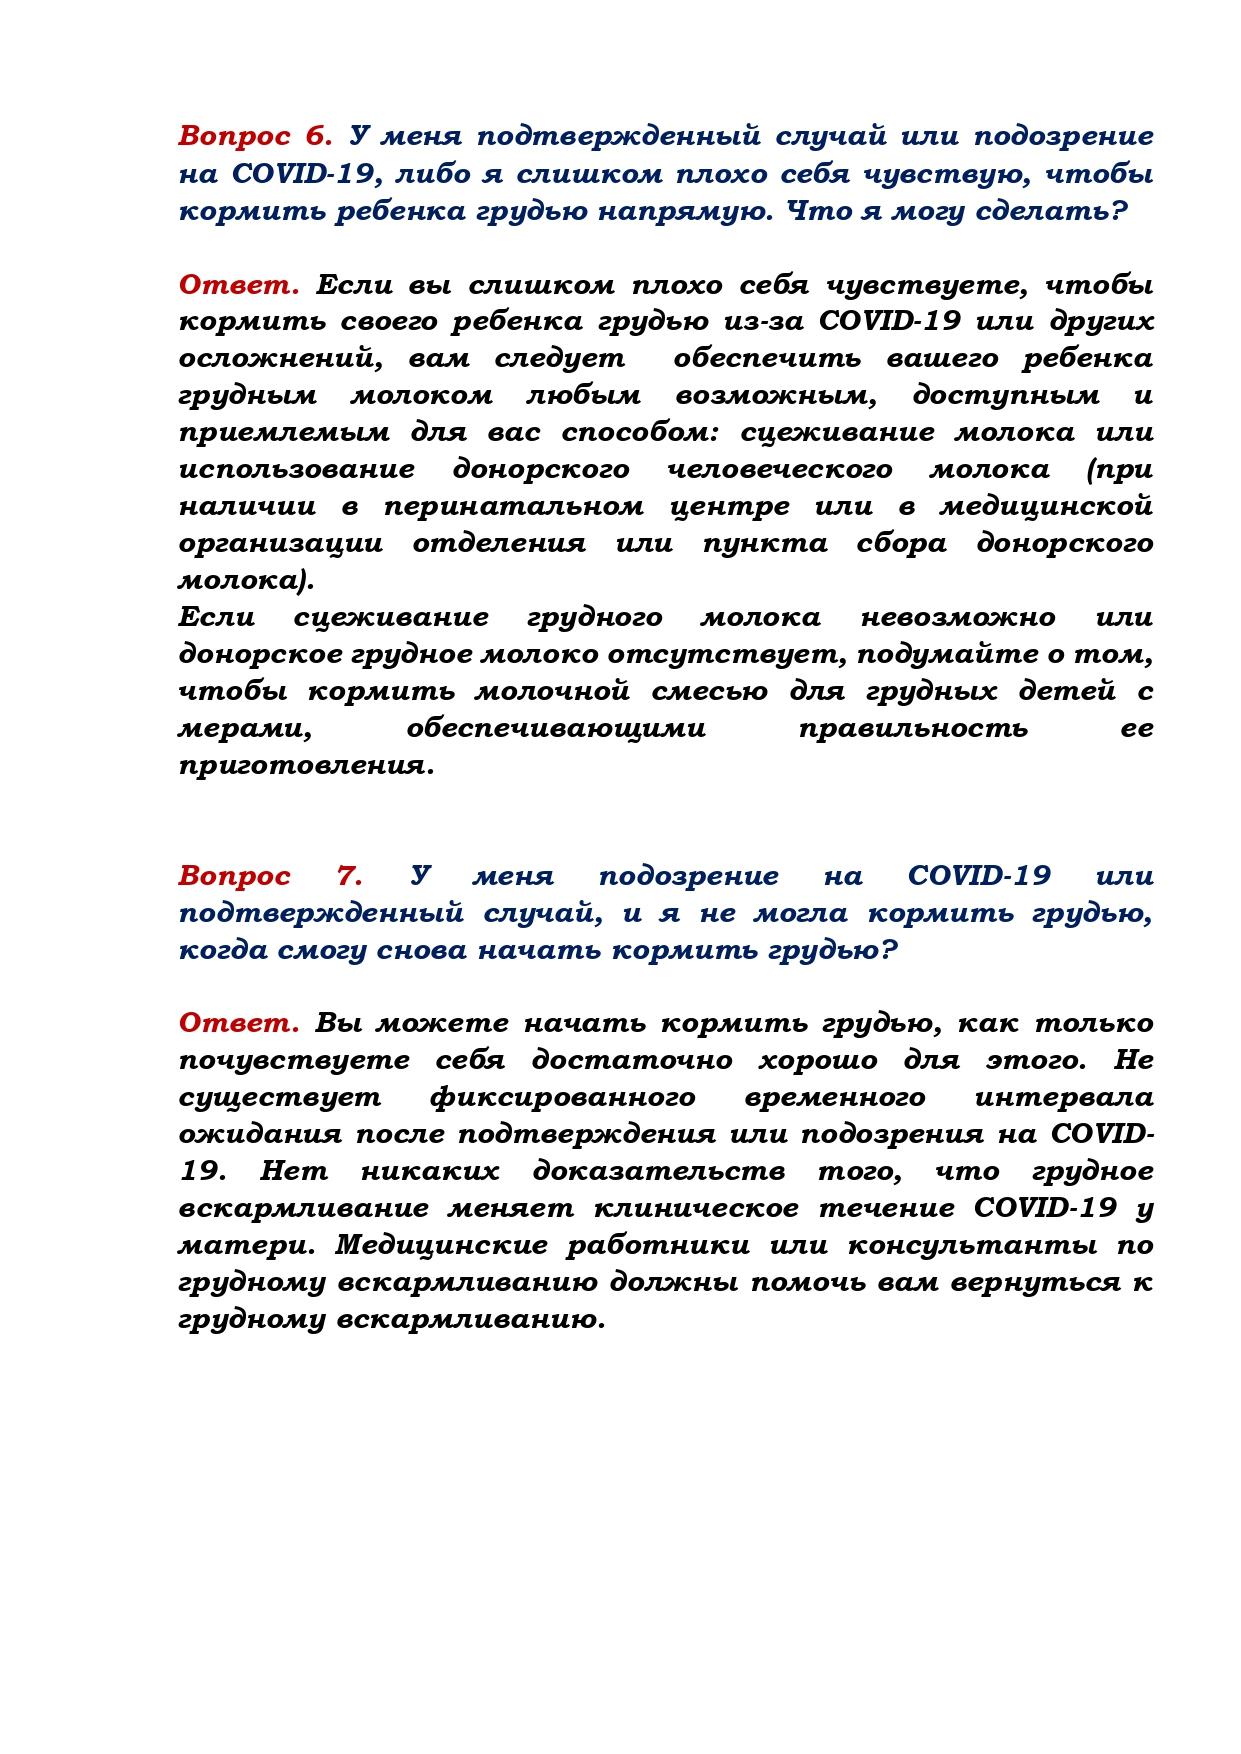 Памятка-Вопросы-и-ответы-Груднок-вскармливание-и-Covid-19_page-0003